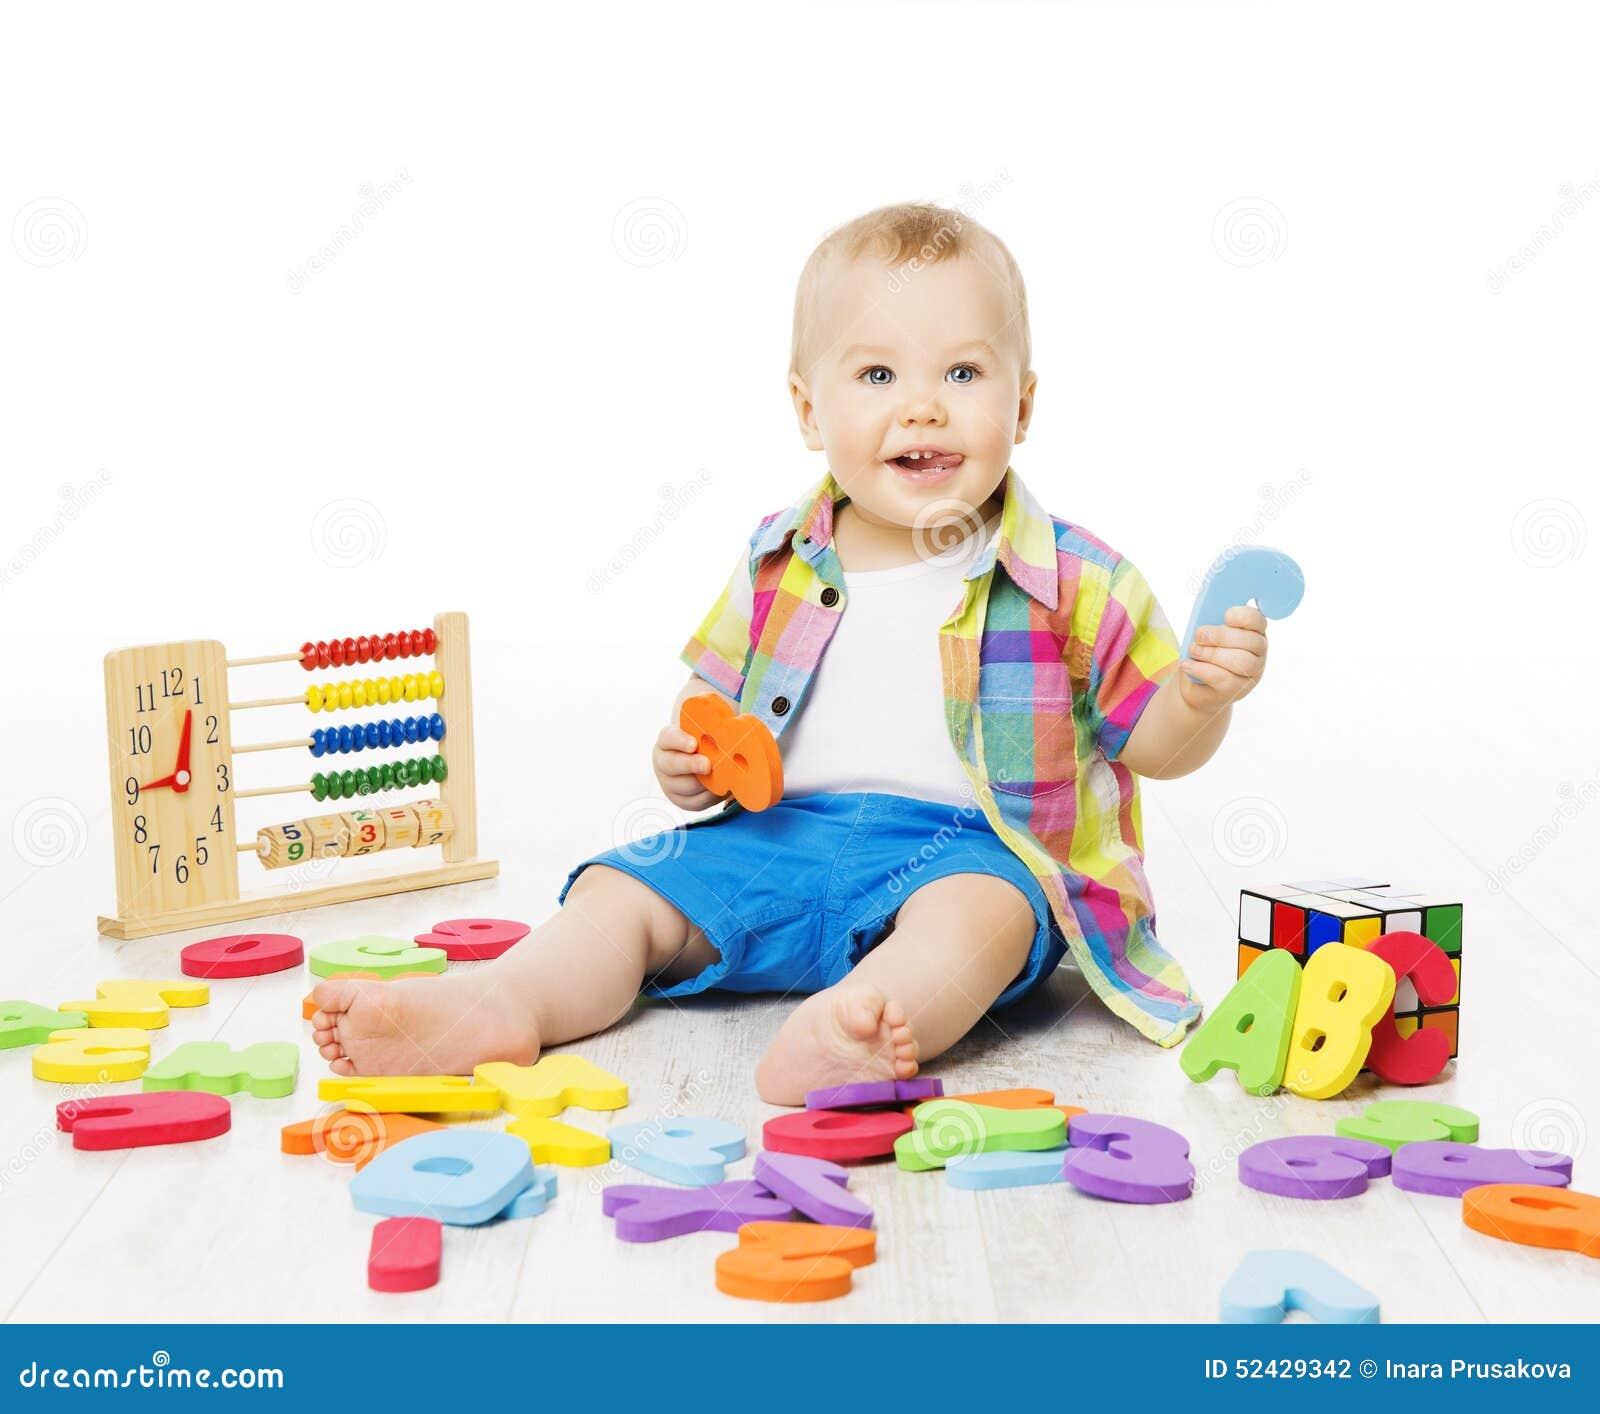 Le b b jouant des jouets d 39 ducation alphabet de jeu d - Jouet alphabet ...